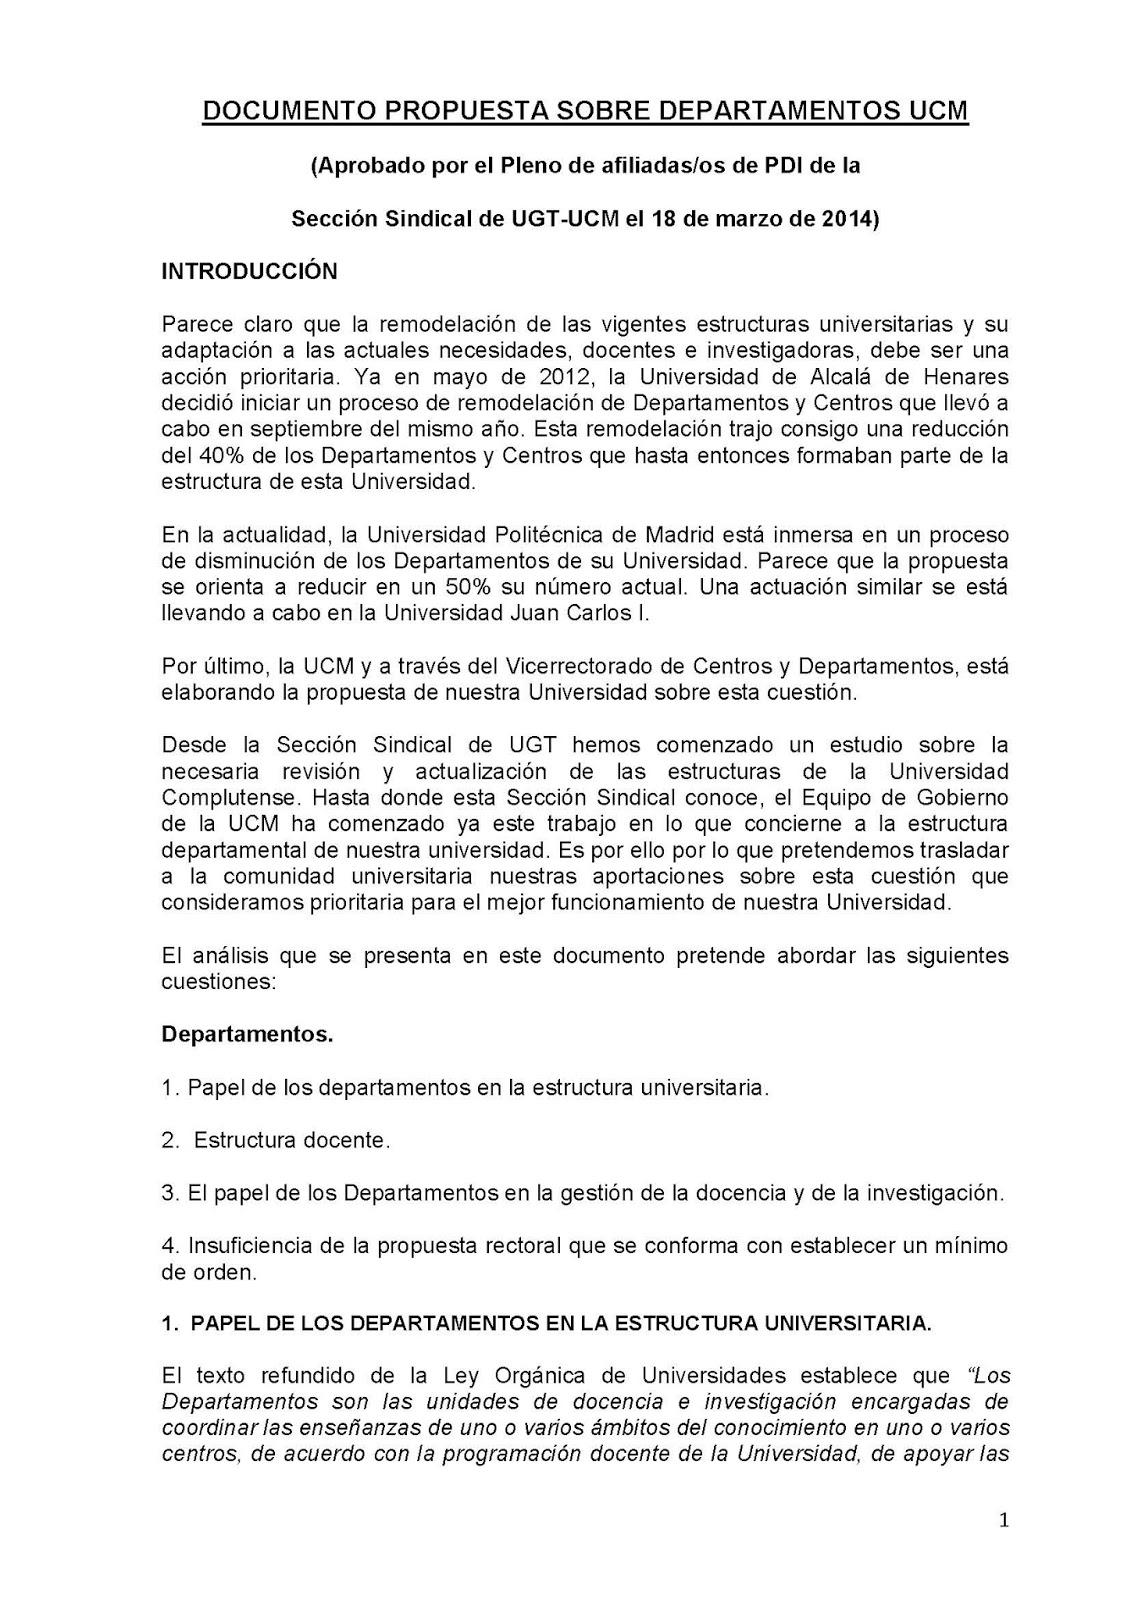 Sección Sindical de UGT en la UCM: DOCUMENTO-PROPUESTA DE UGT SOBRE ...